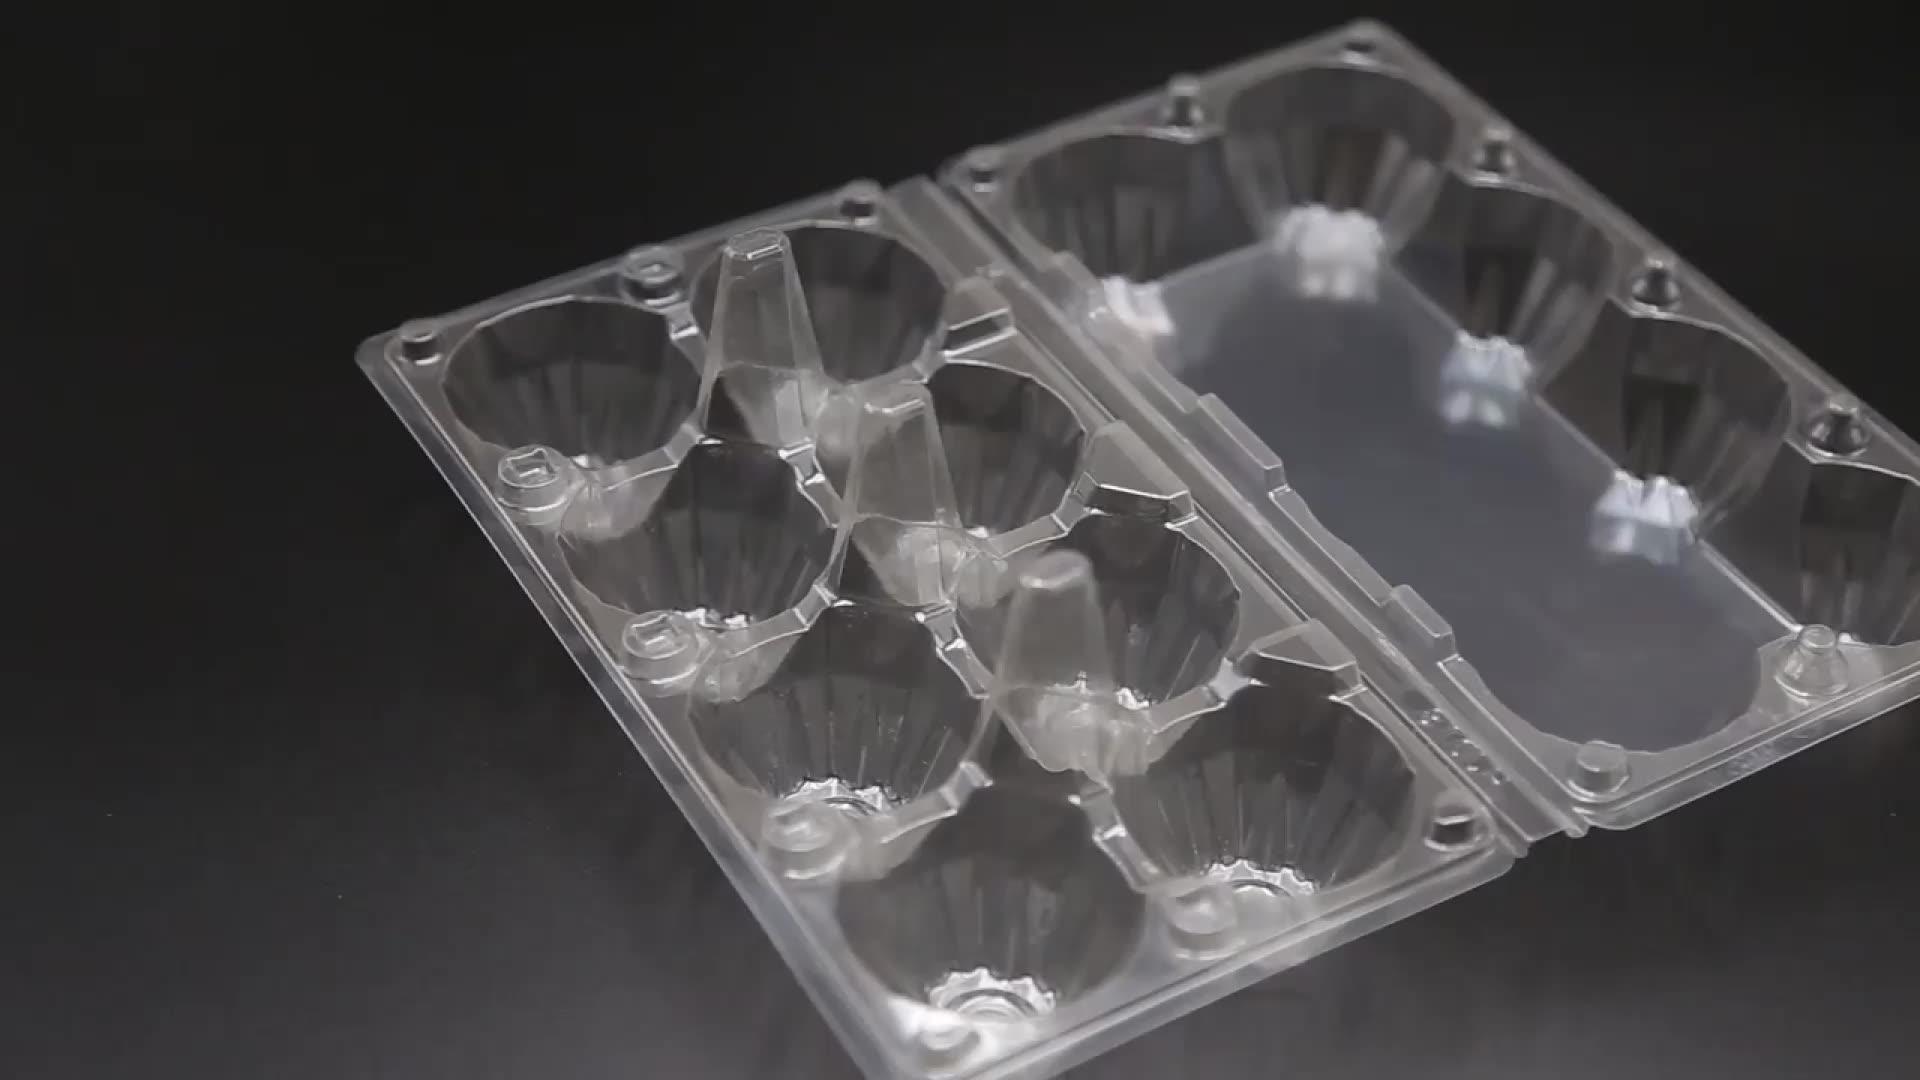 Amostra grátis de codorna frescos 20 células ovo embalagem bandeja de comida de plástico transparente caixa de embalagem de ovos de codorna para venda